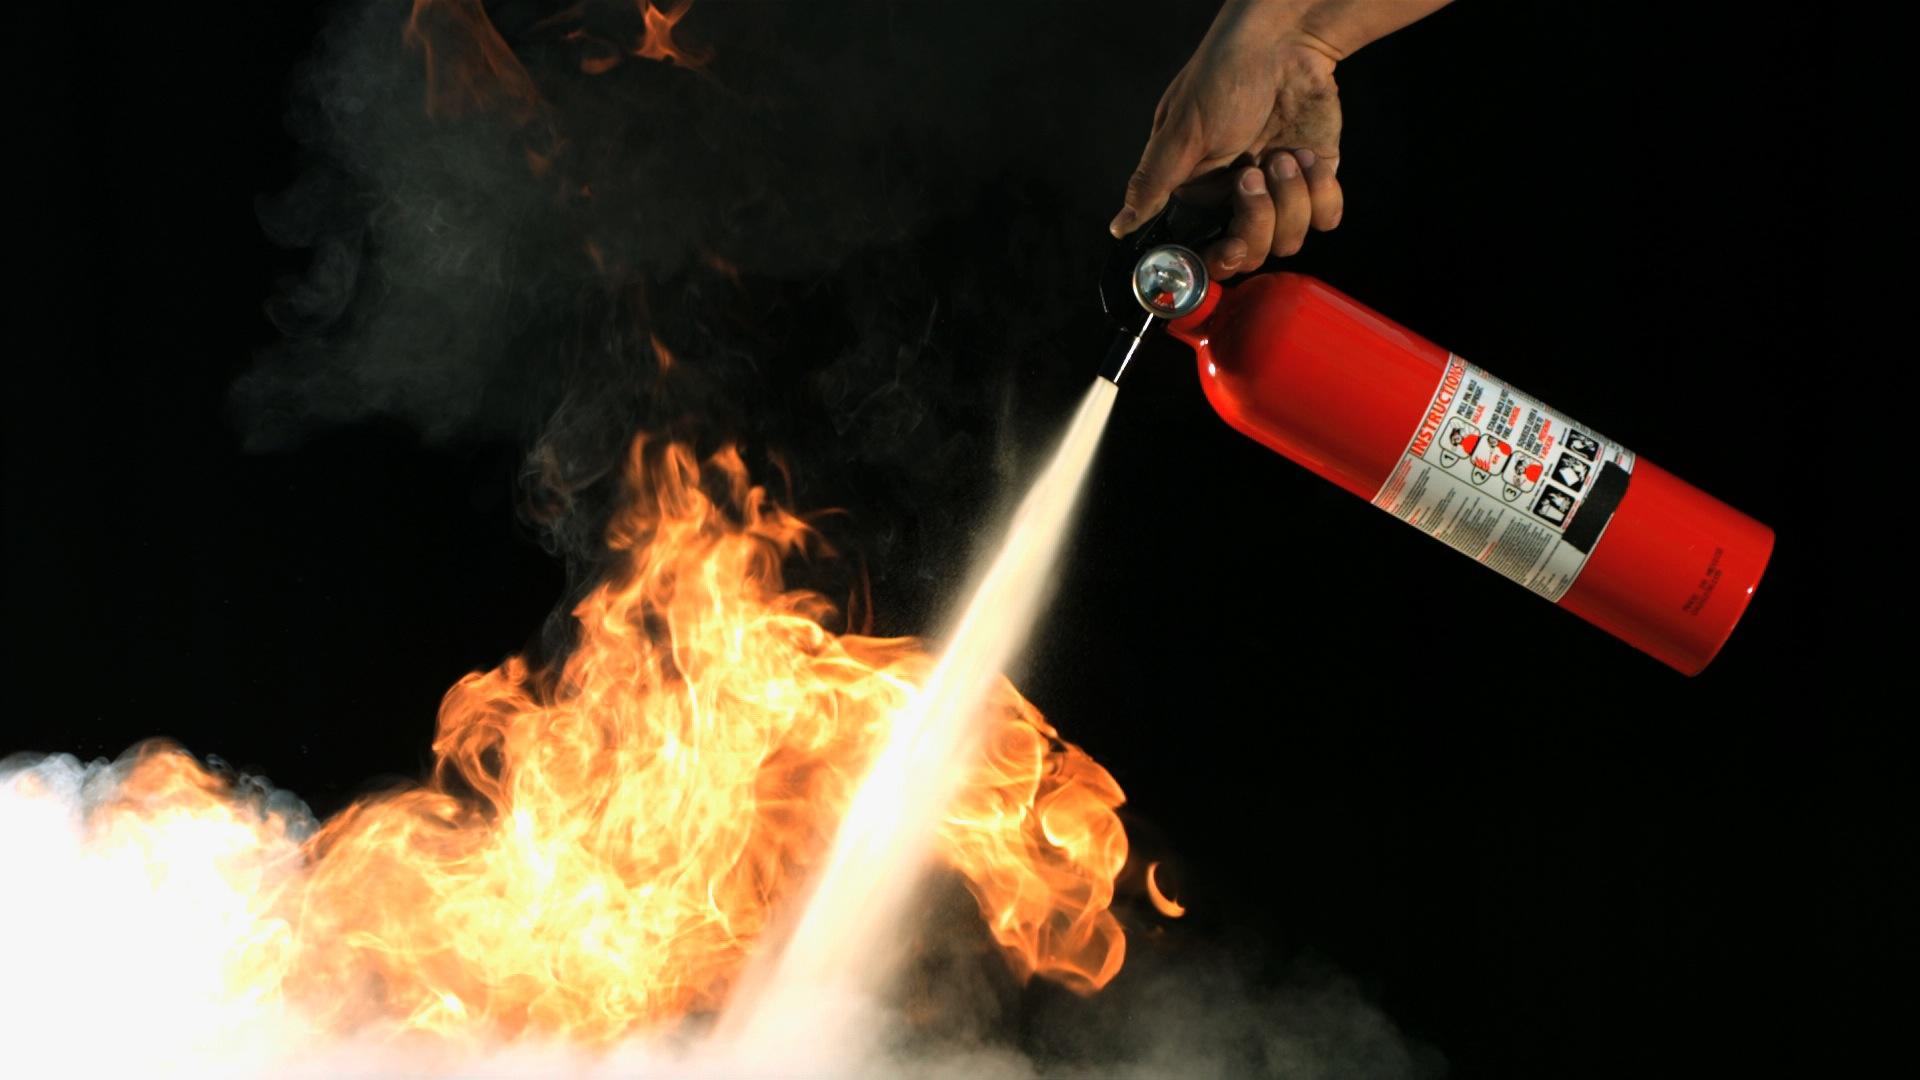 том, картинки тушат пожар огнетушителем светится счастья, говорим